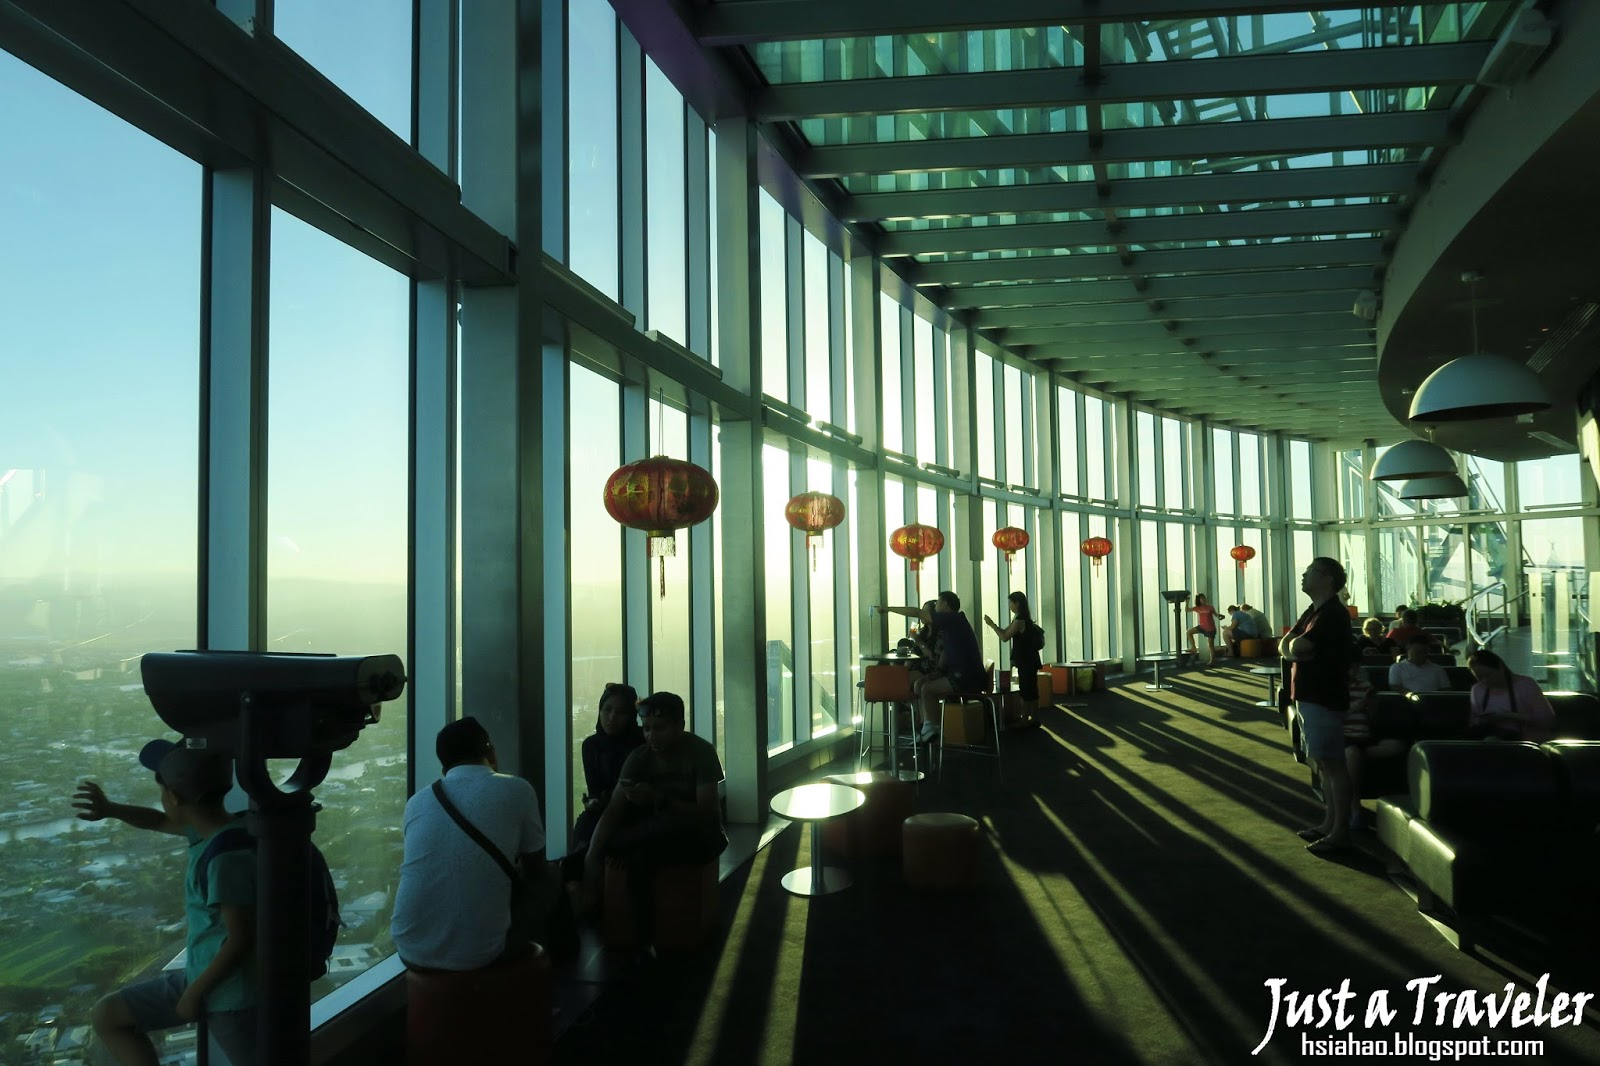 黃金海岸-景點-推薦-Q1大廈觀景台-Sky-Point-套票-旅遊-自由行-澳洲-Gold-Coast-theme-park-Australia